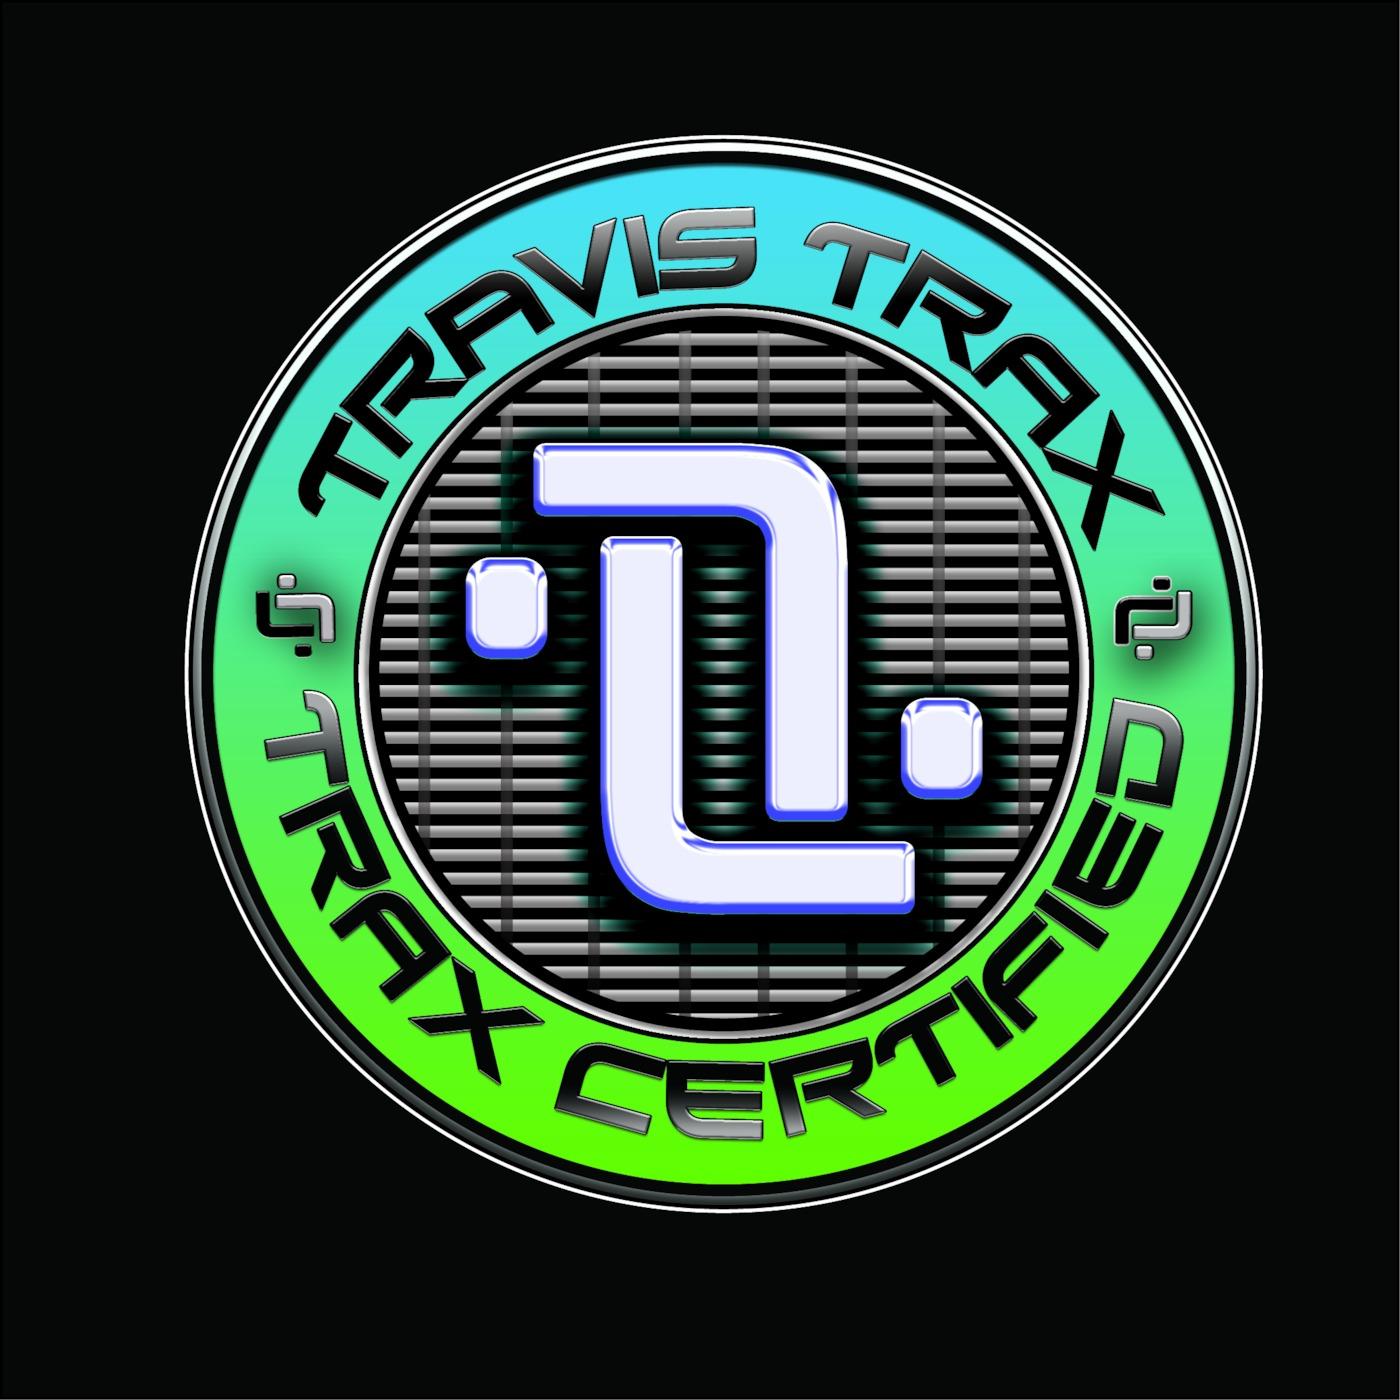 Trax Certified w/ Travis Trax